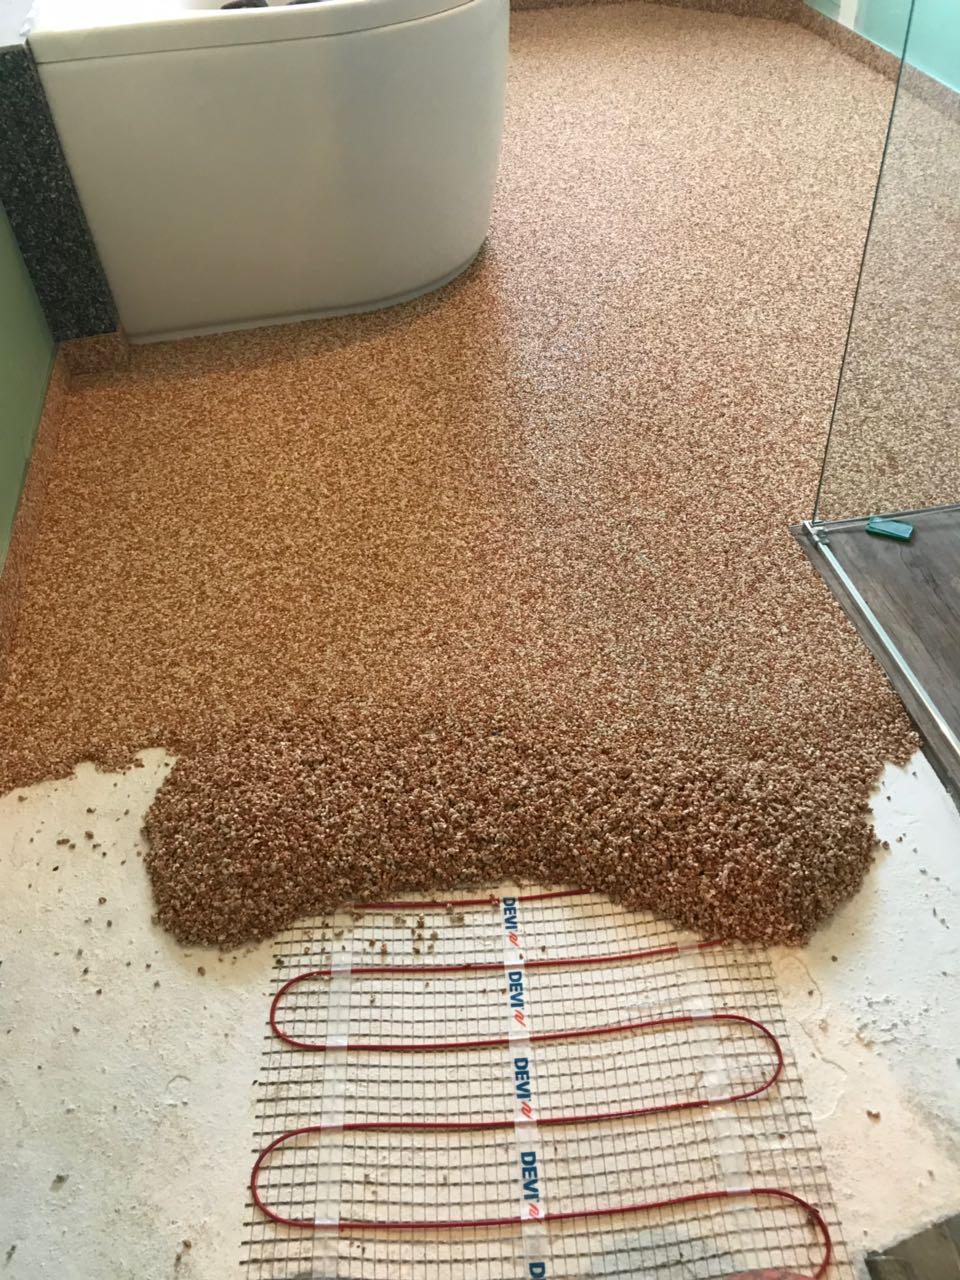 Mit einem Steinteppich kann man nachträglich noch eine Fußbodenheizung ins Bad legen.